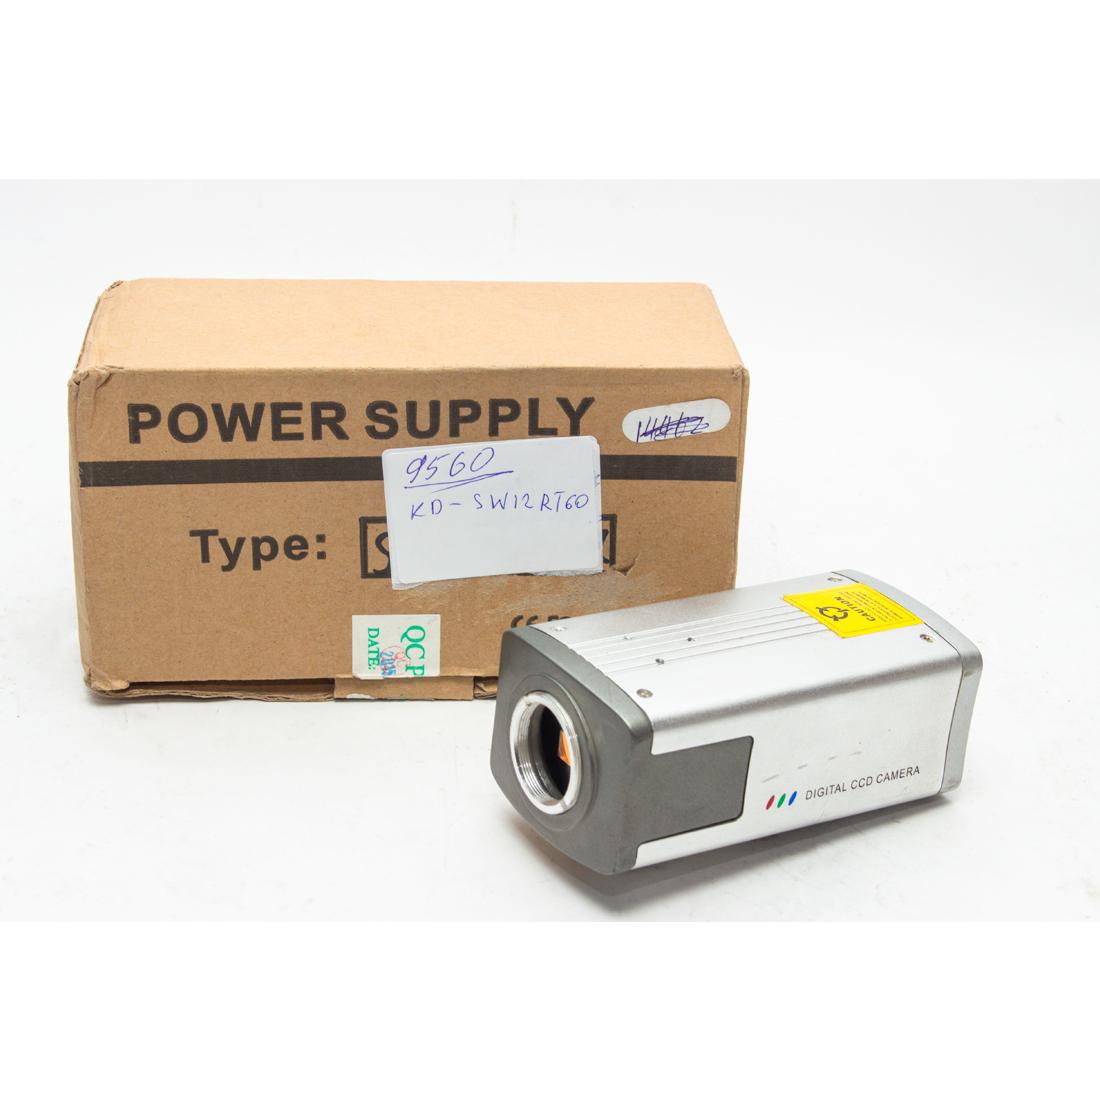 Видеокамера KD-SW12RT60